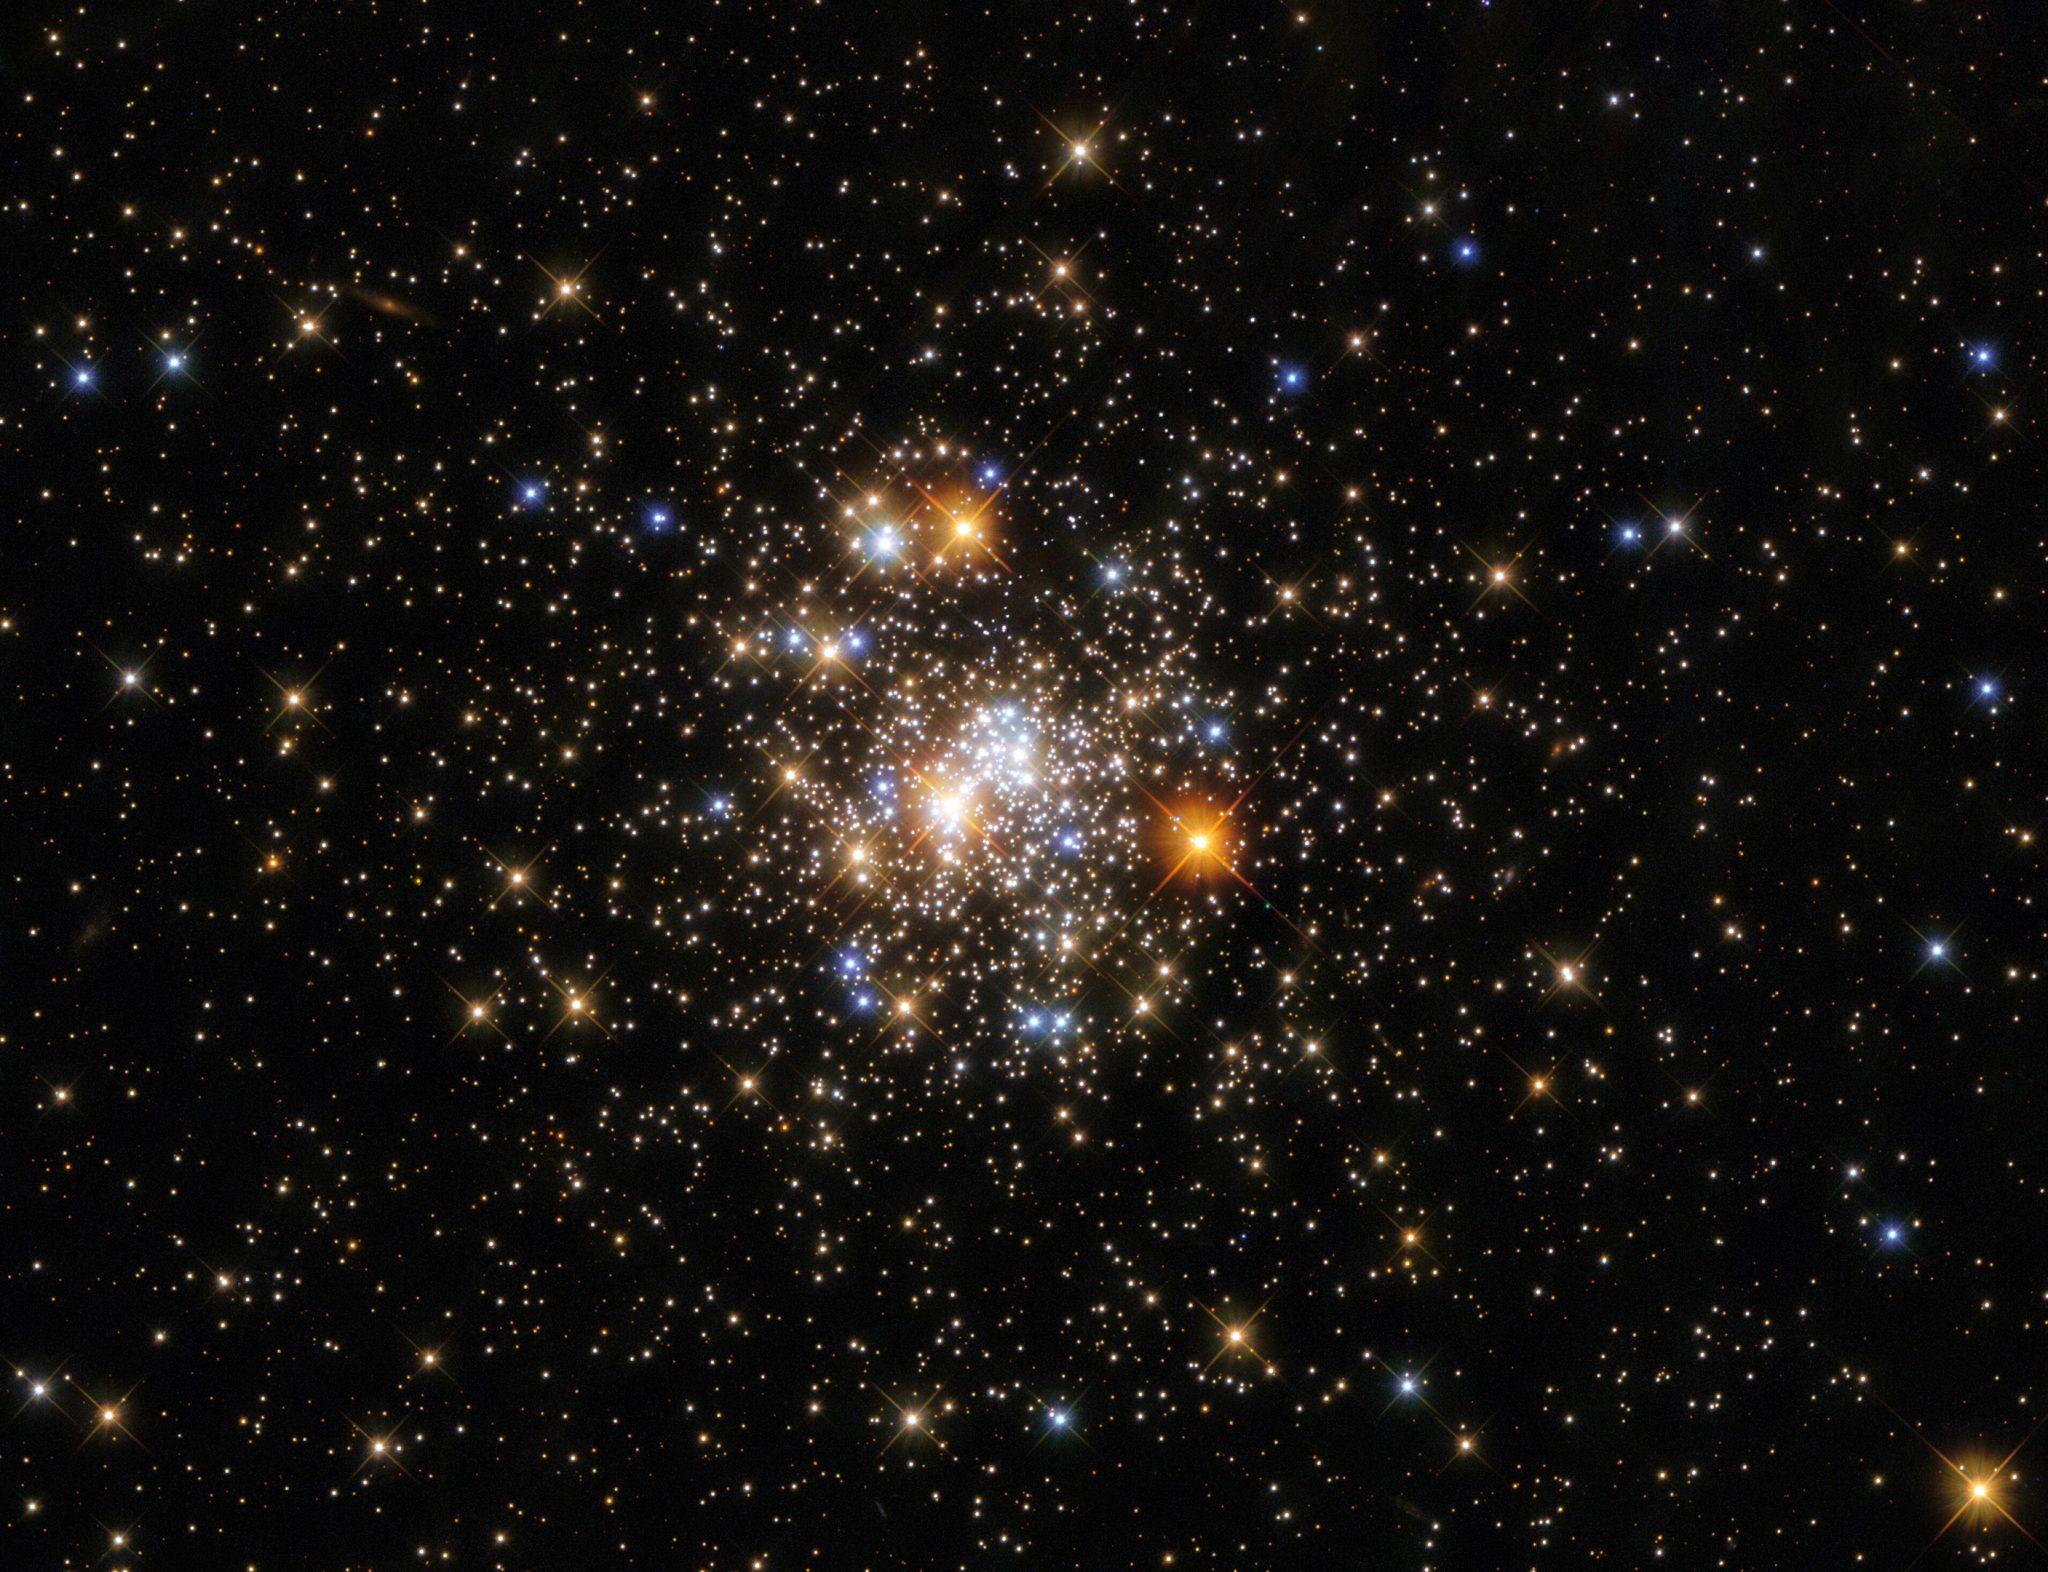 哈勃太空望远镜拍摄的人马座球状星团NGC 6717